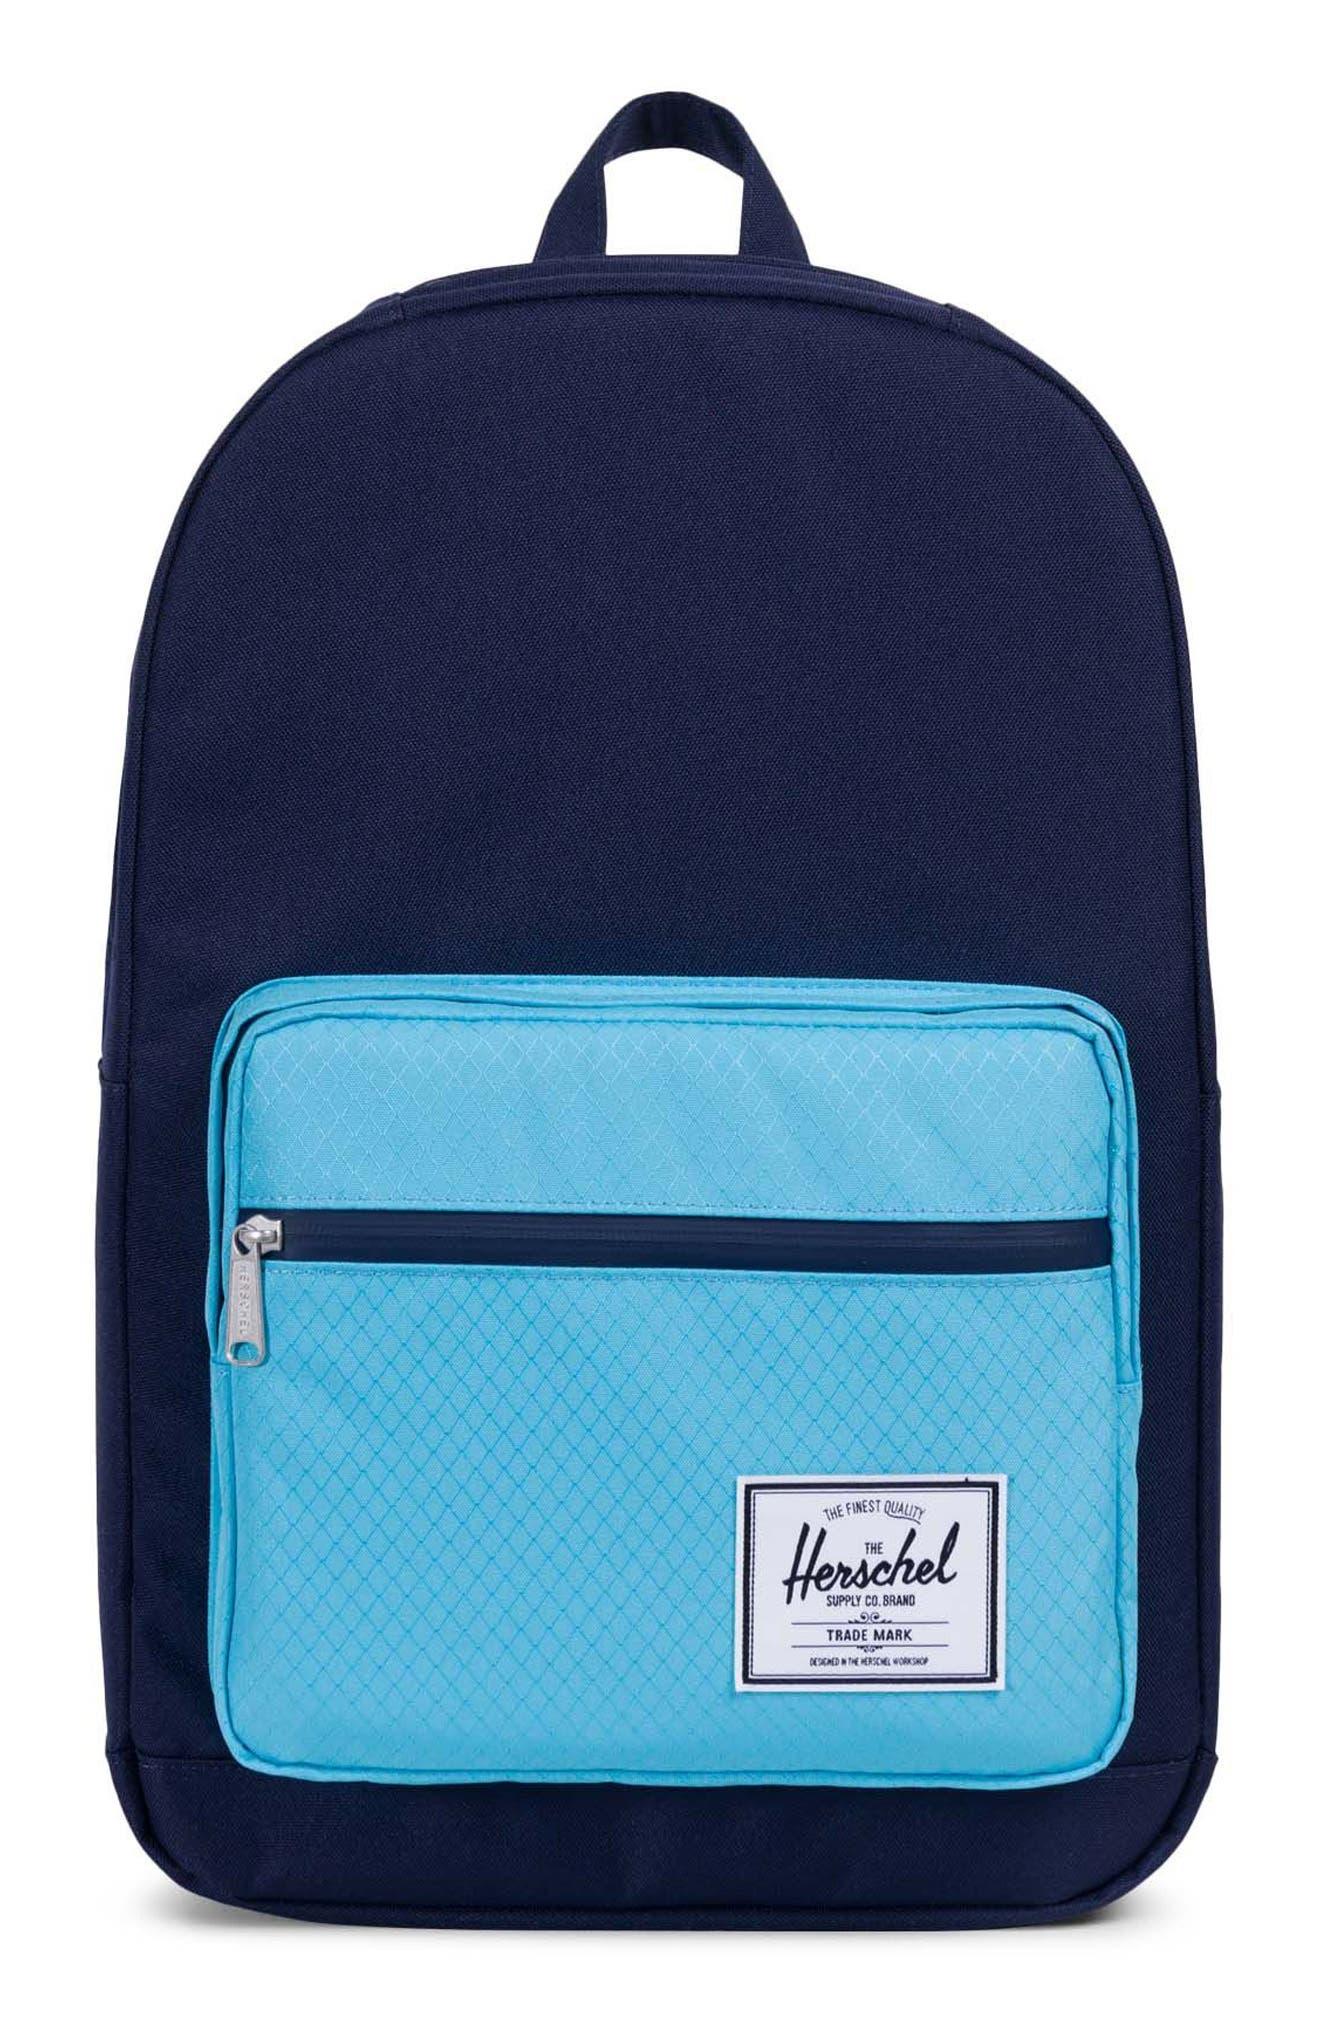 Herschel Supply Co. Pop Quiz Contrast Backpack